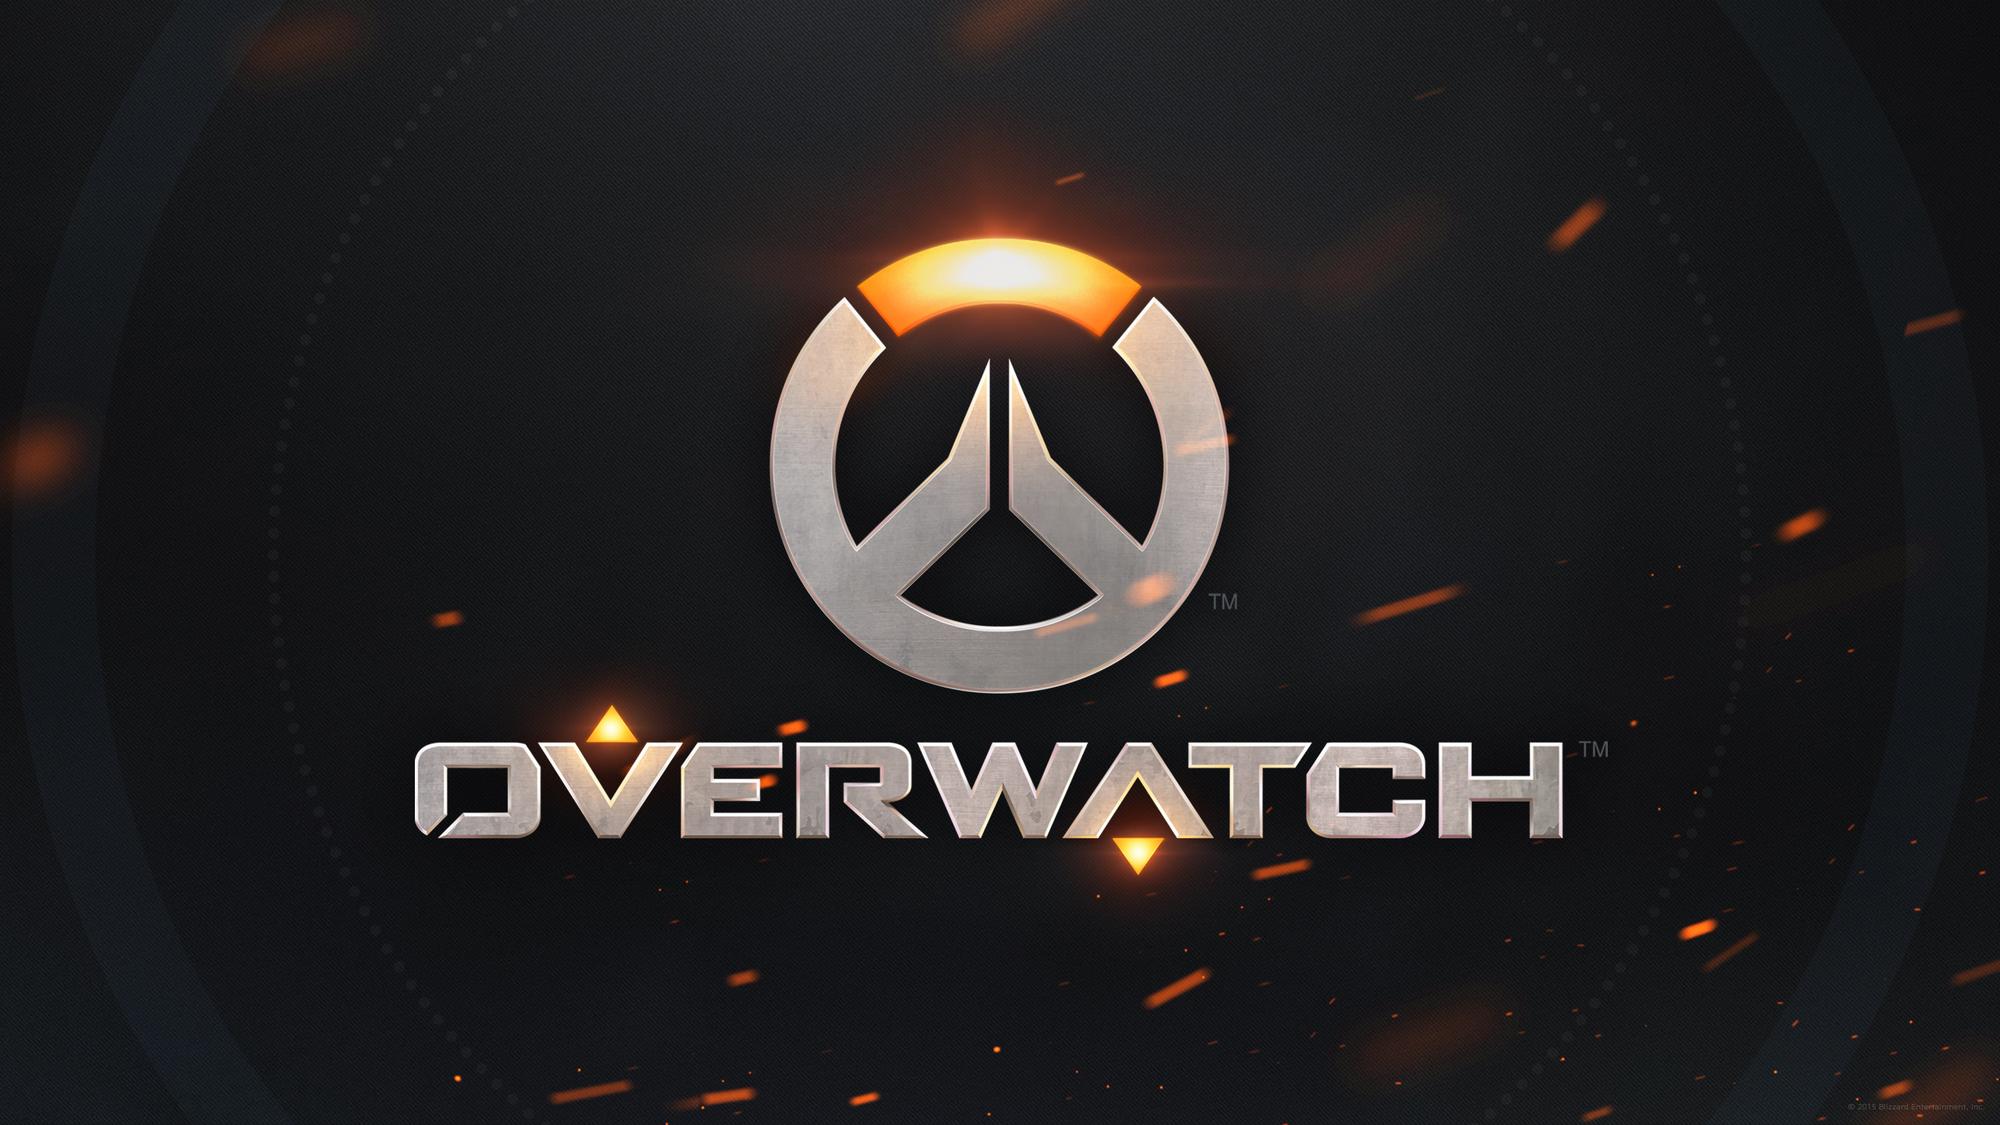 Overwatch | Overwatch Wiki | FANDOM powered by Wikia